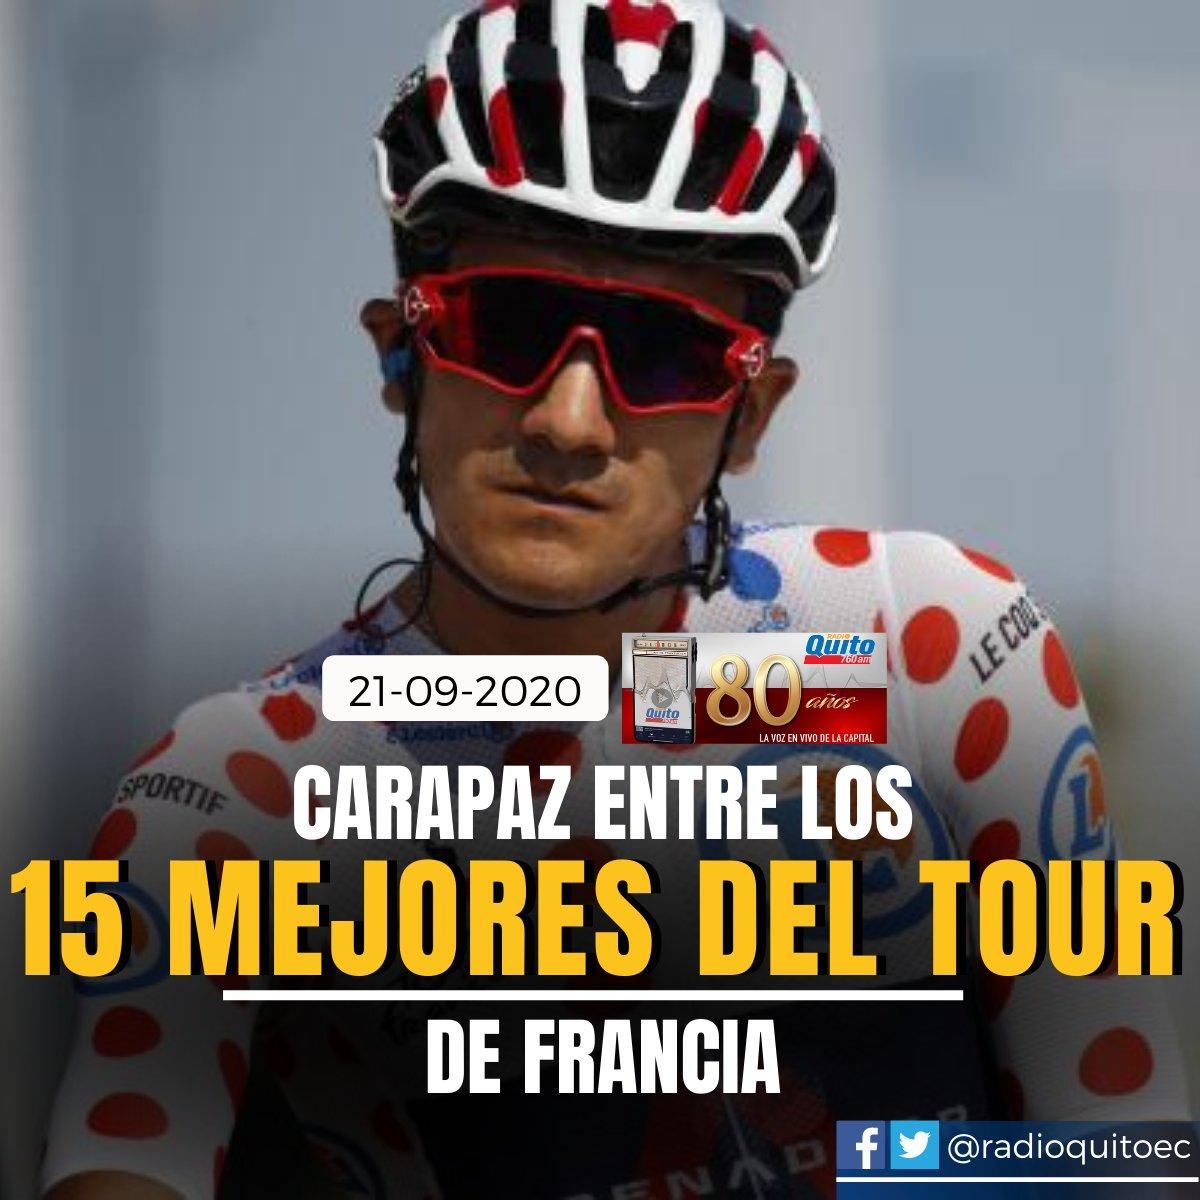 #RichardCarapaz terminó en el puesto 13 de la #clasificación general. El #ecuatoriano cronometró 87h45'58''. La '#Locomotora del #Carchi' fue el mejor ubicado del equipo #IneosGrenadiers. https://t.co/R9hbJXllai